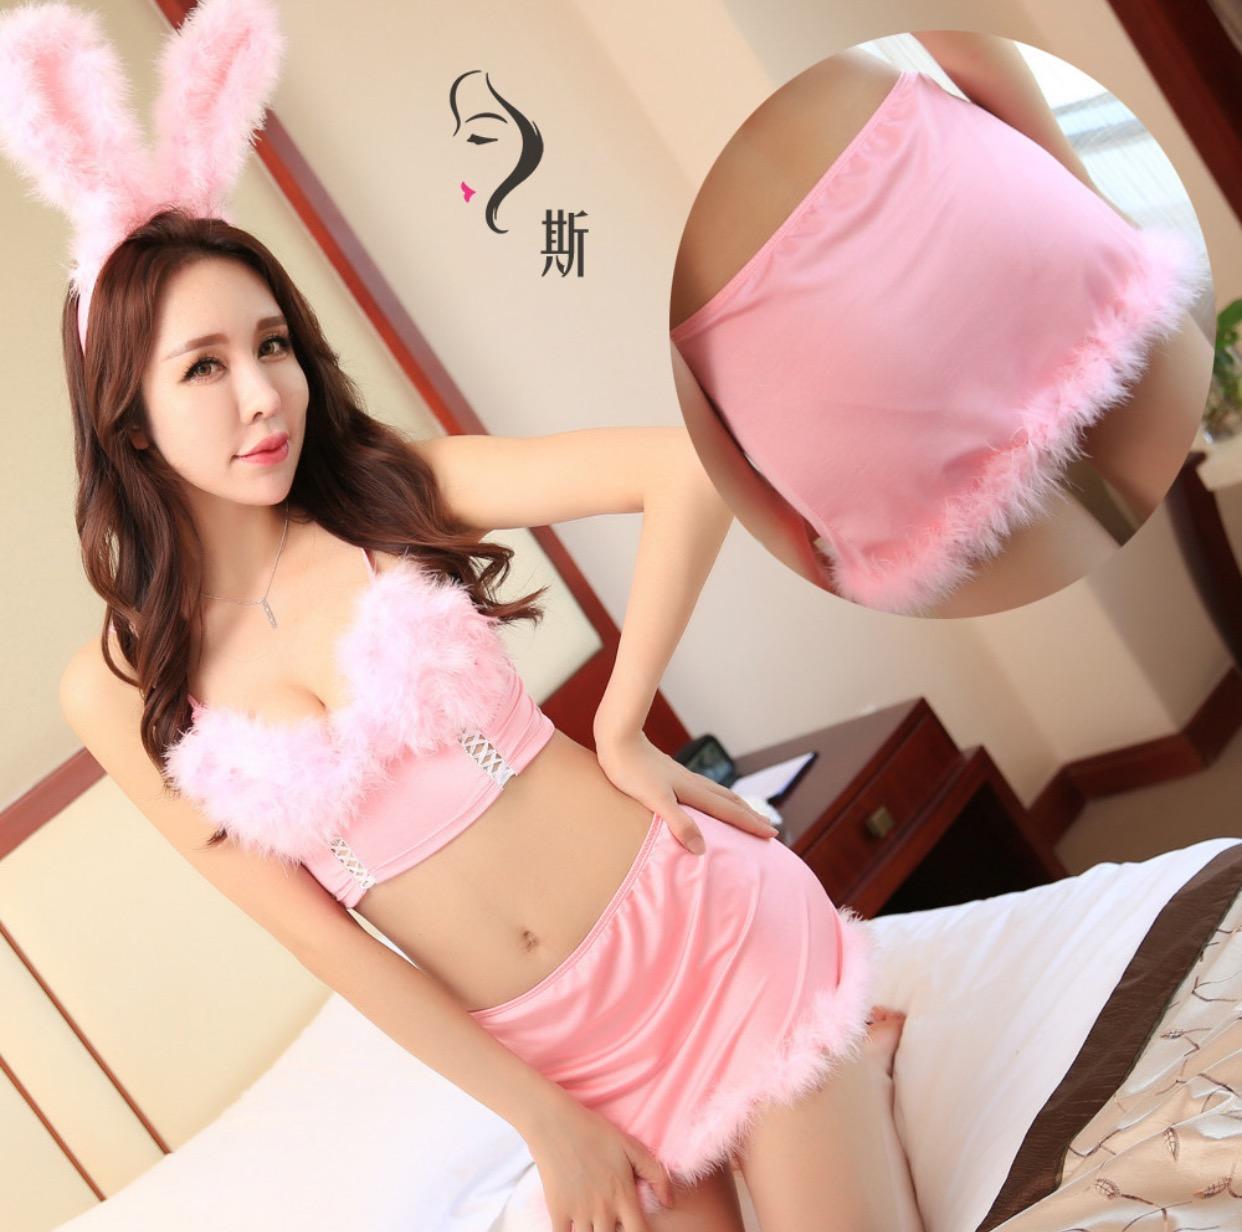 ชุดกระต่ายฟรุ้งฟริ้งสีชมพู มาครบเซทนะค้า